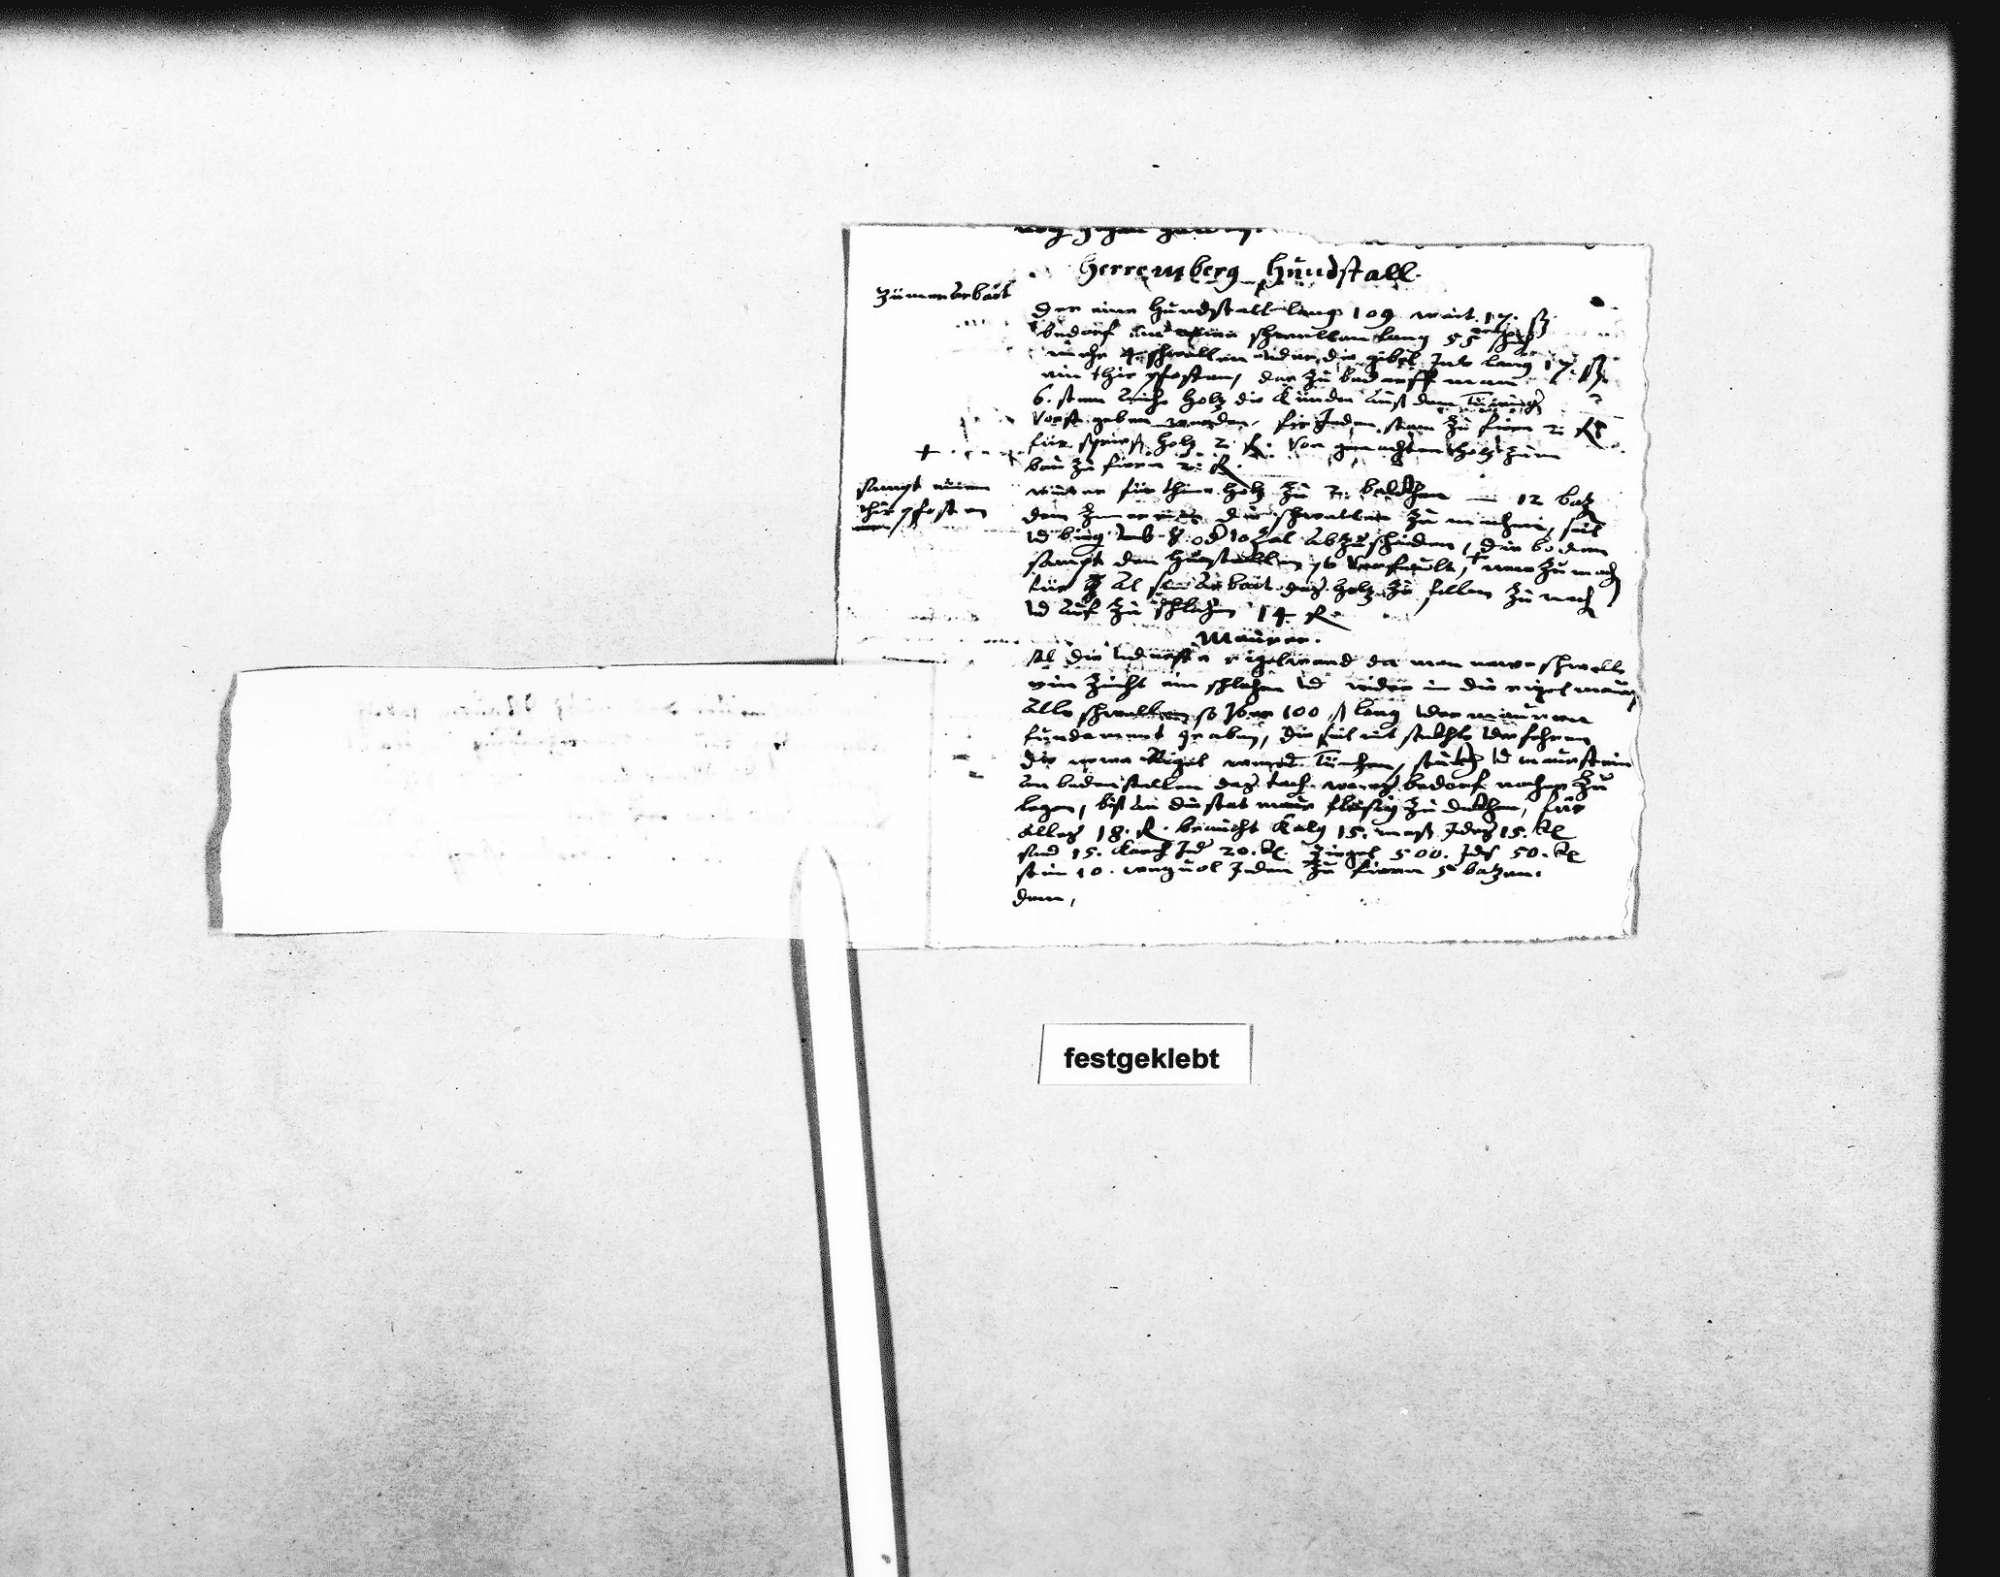 Gutachten und Kostenvoranschlag für die Erneuerung der beiden Hundezwinger am Schloss, 23. August 1633 (Quart); Notizen (Quart) mit aufgeklebtem Zettel zur Mauer im Garten des Pfarrhauses, Bild 3